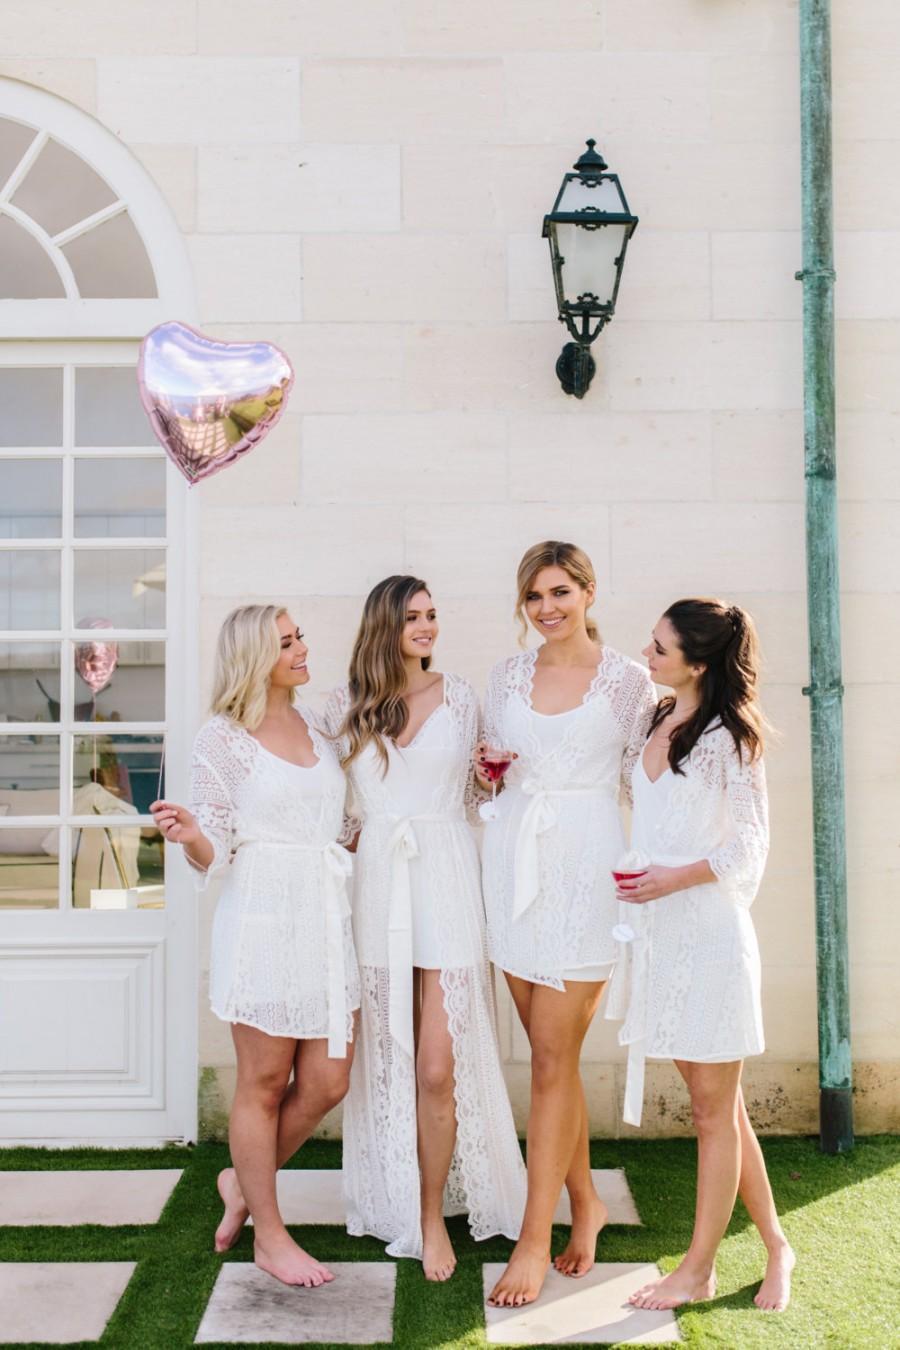 Свадьба - Lace Bridal Robe // Bridesmaid Robes // Robe // Bridal Robe // Bride Robe // Bridal Party Robes // Bridesmaid Gifts // Satin Robe